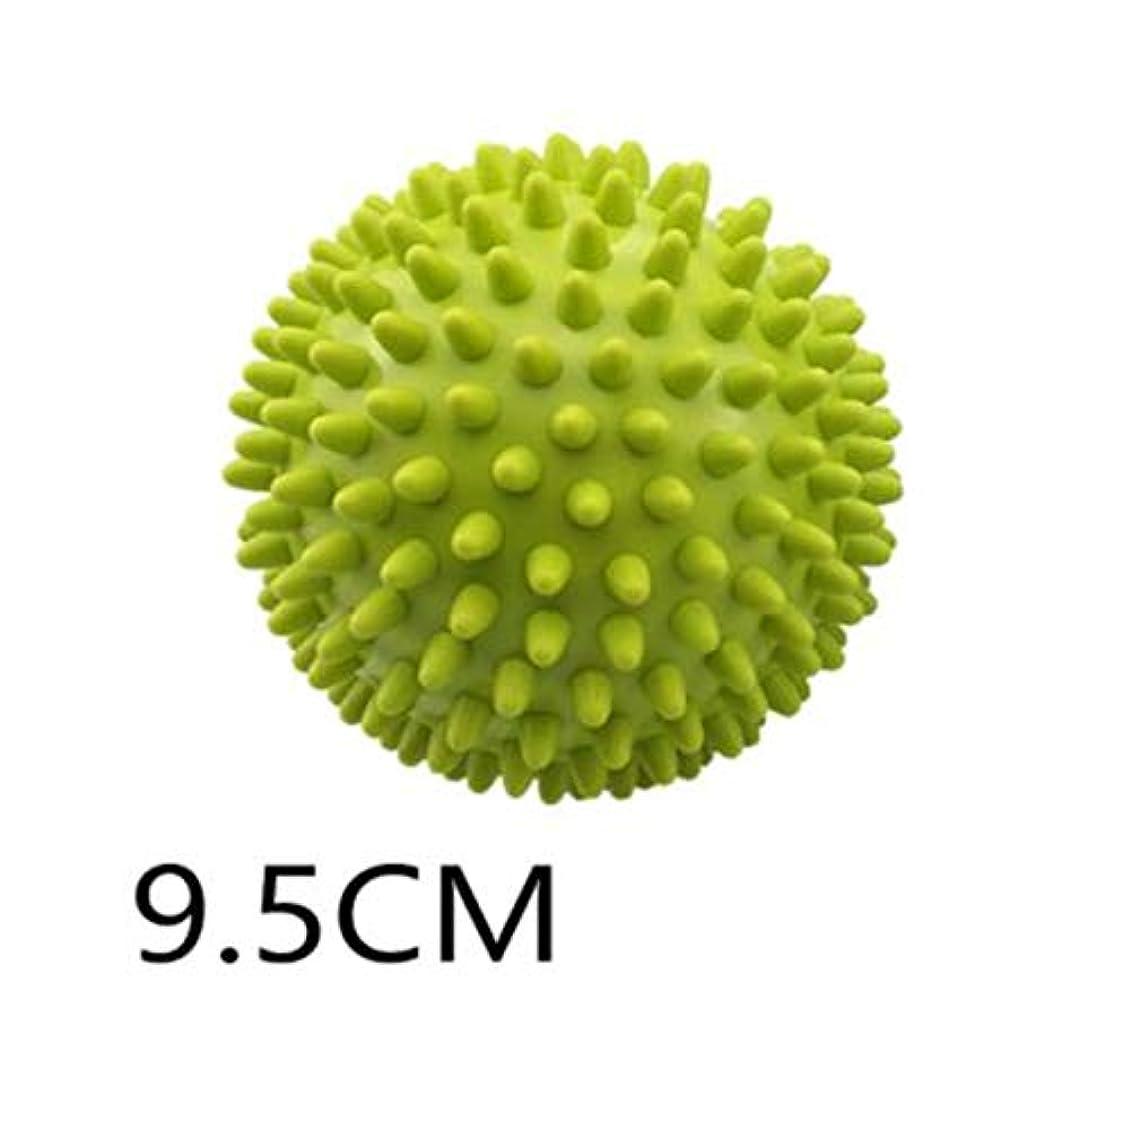 傾向があります高い電気陽性とげのボール - グリーン